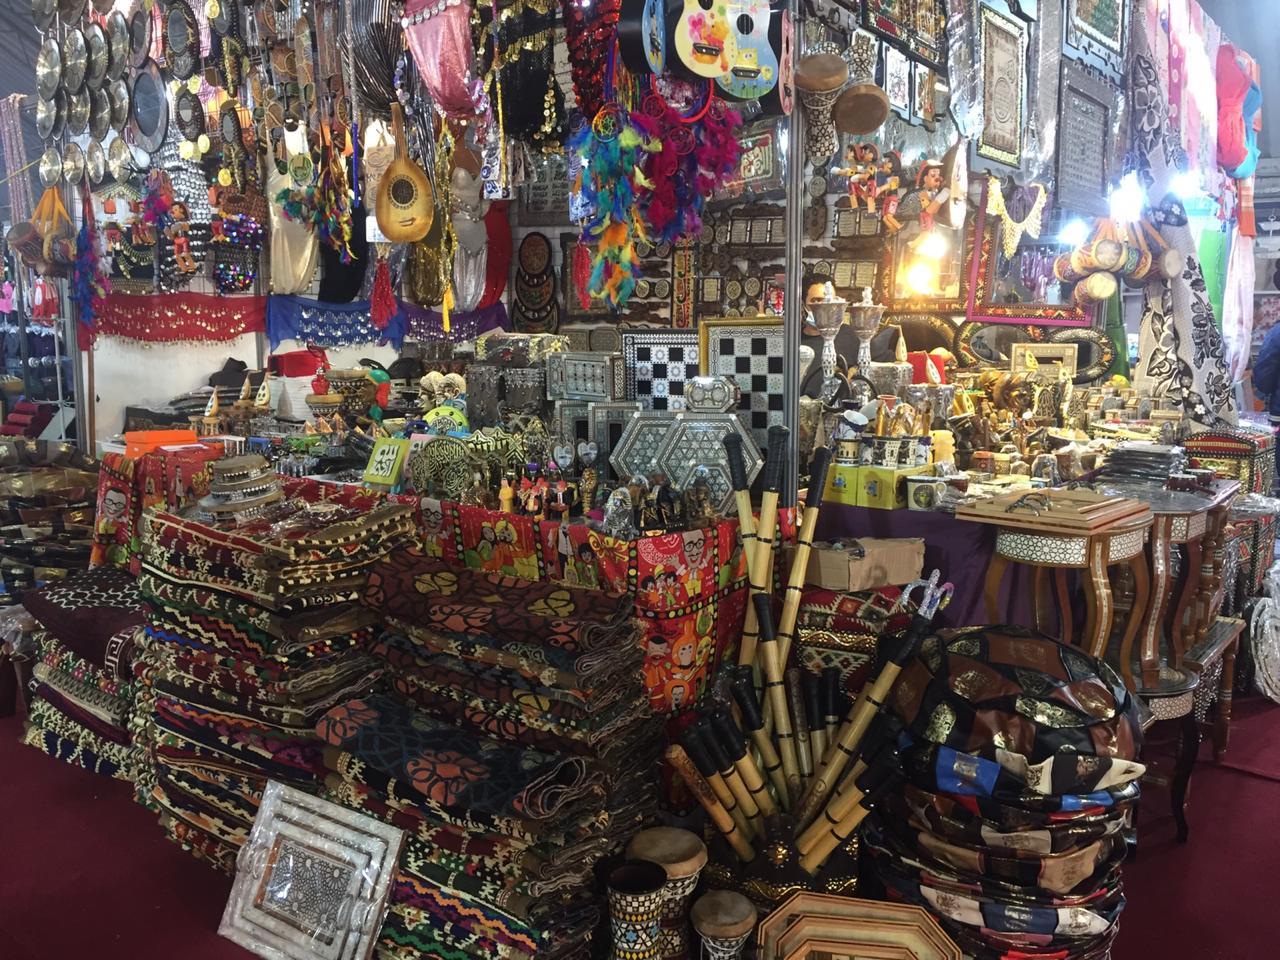 إنطلاق فعاليات مهرجان معرض المنتجات المصرية الرابع للتسوق في النجف